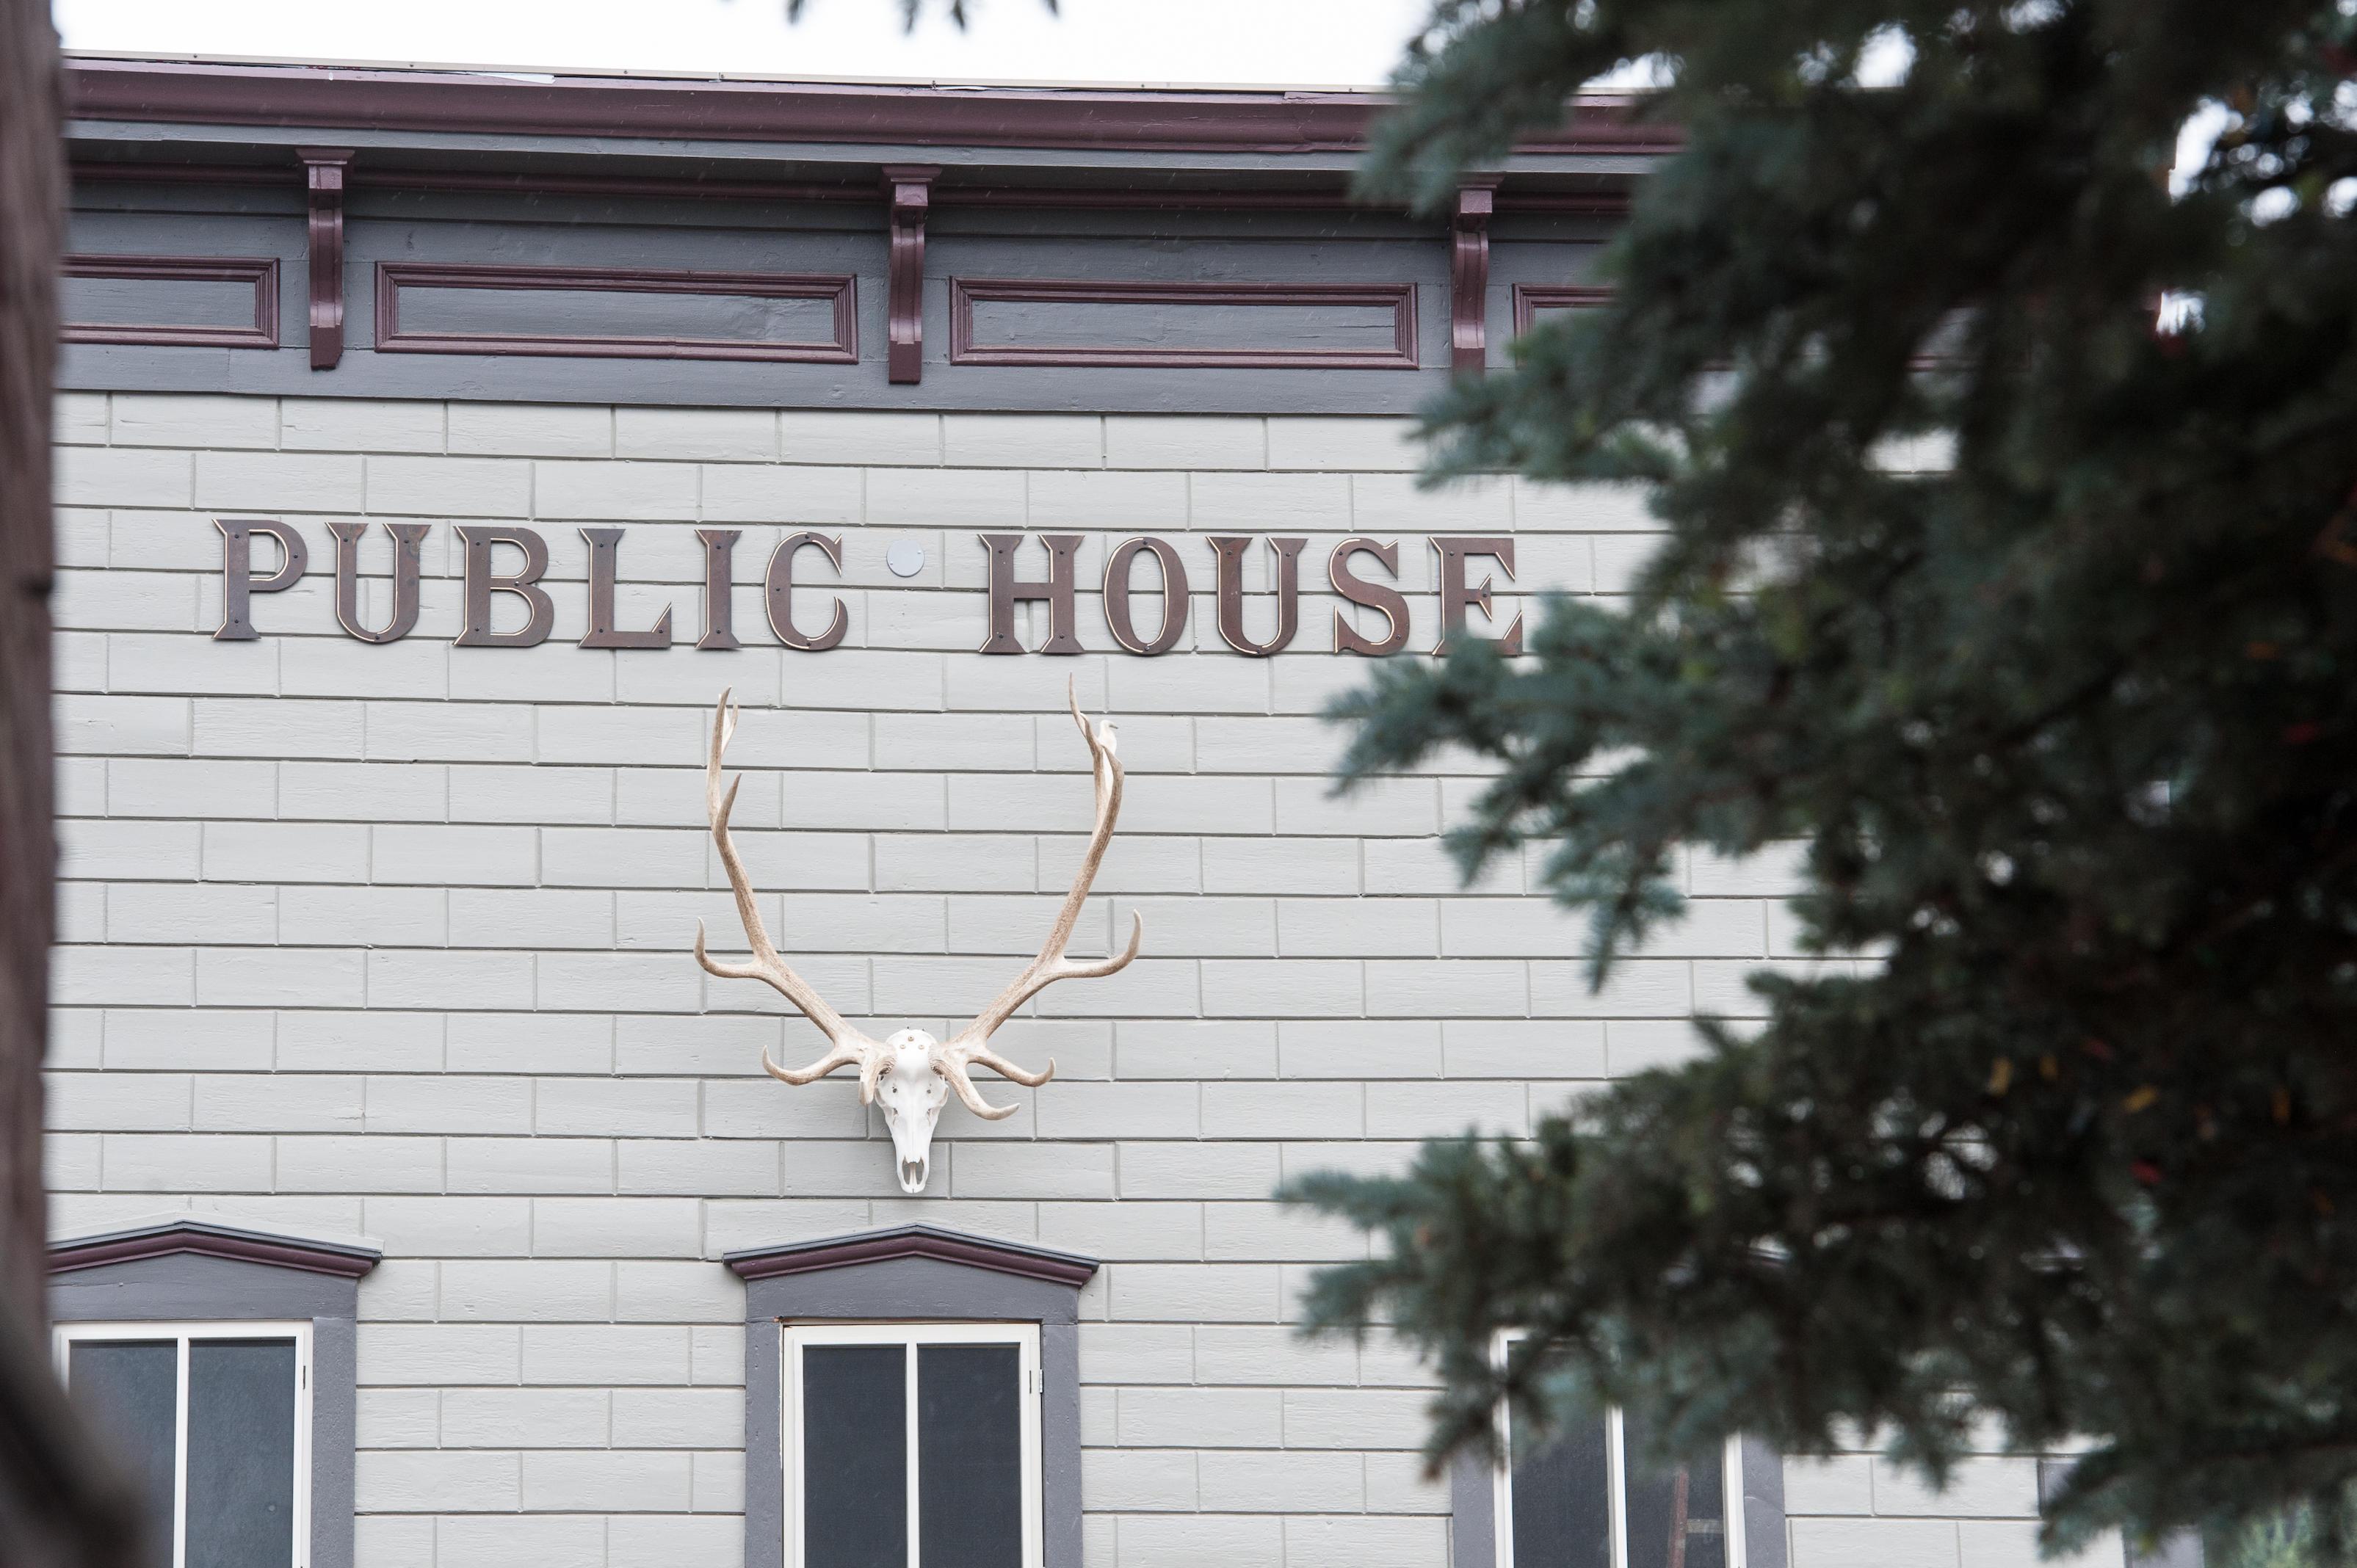 Public House Lofts image 4